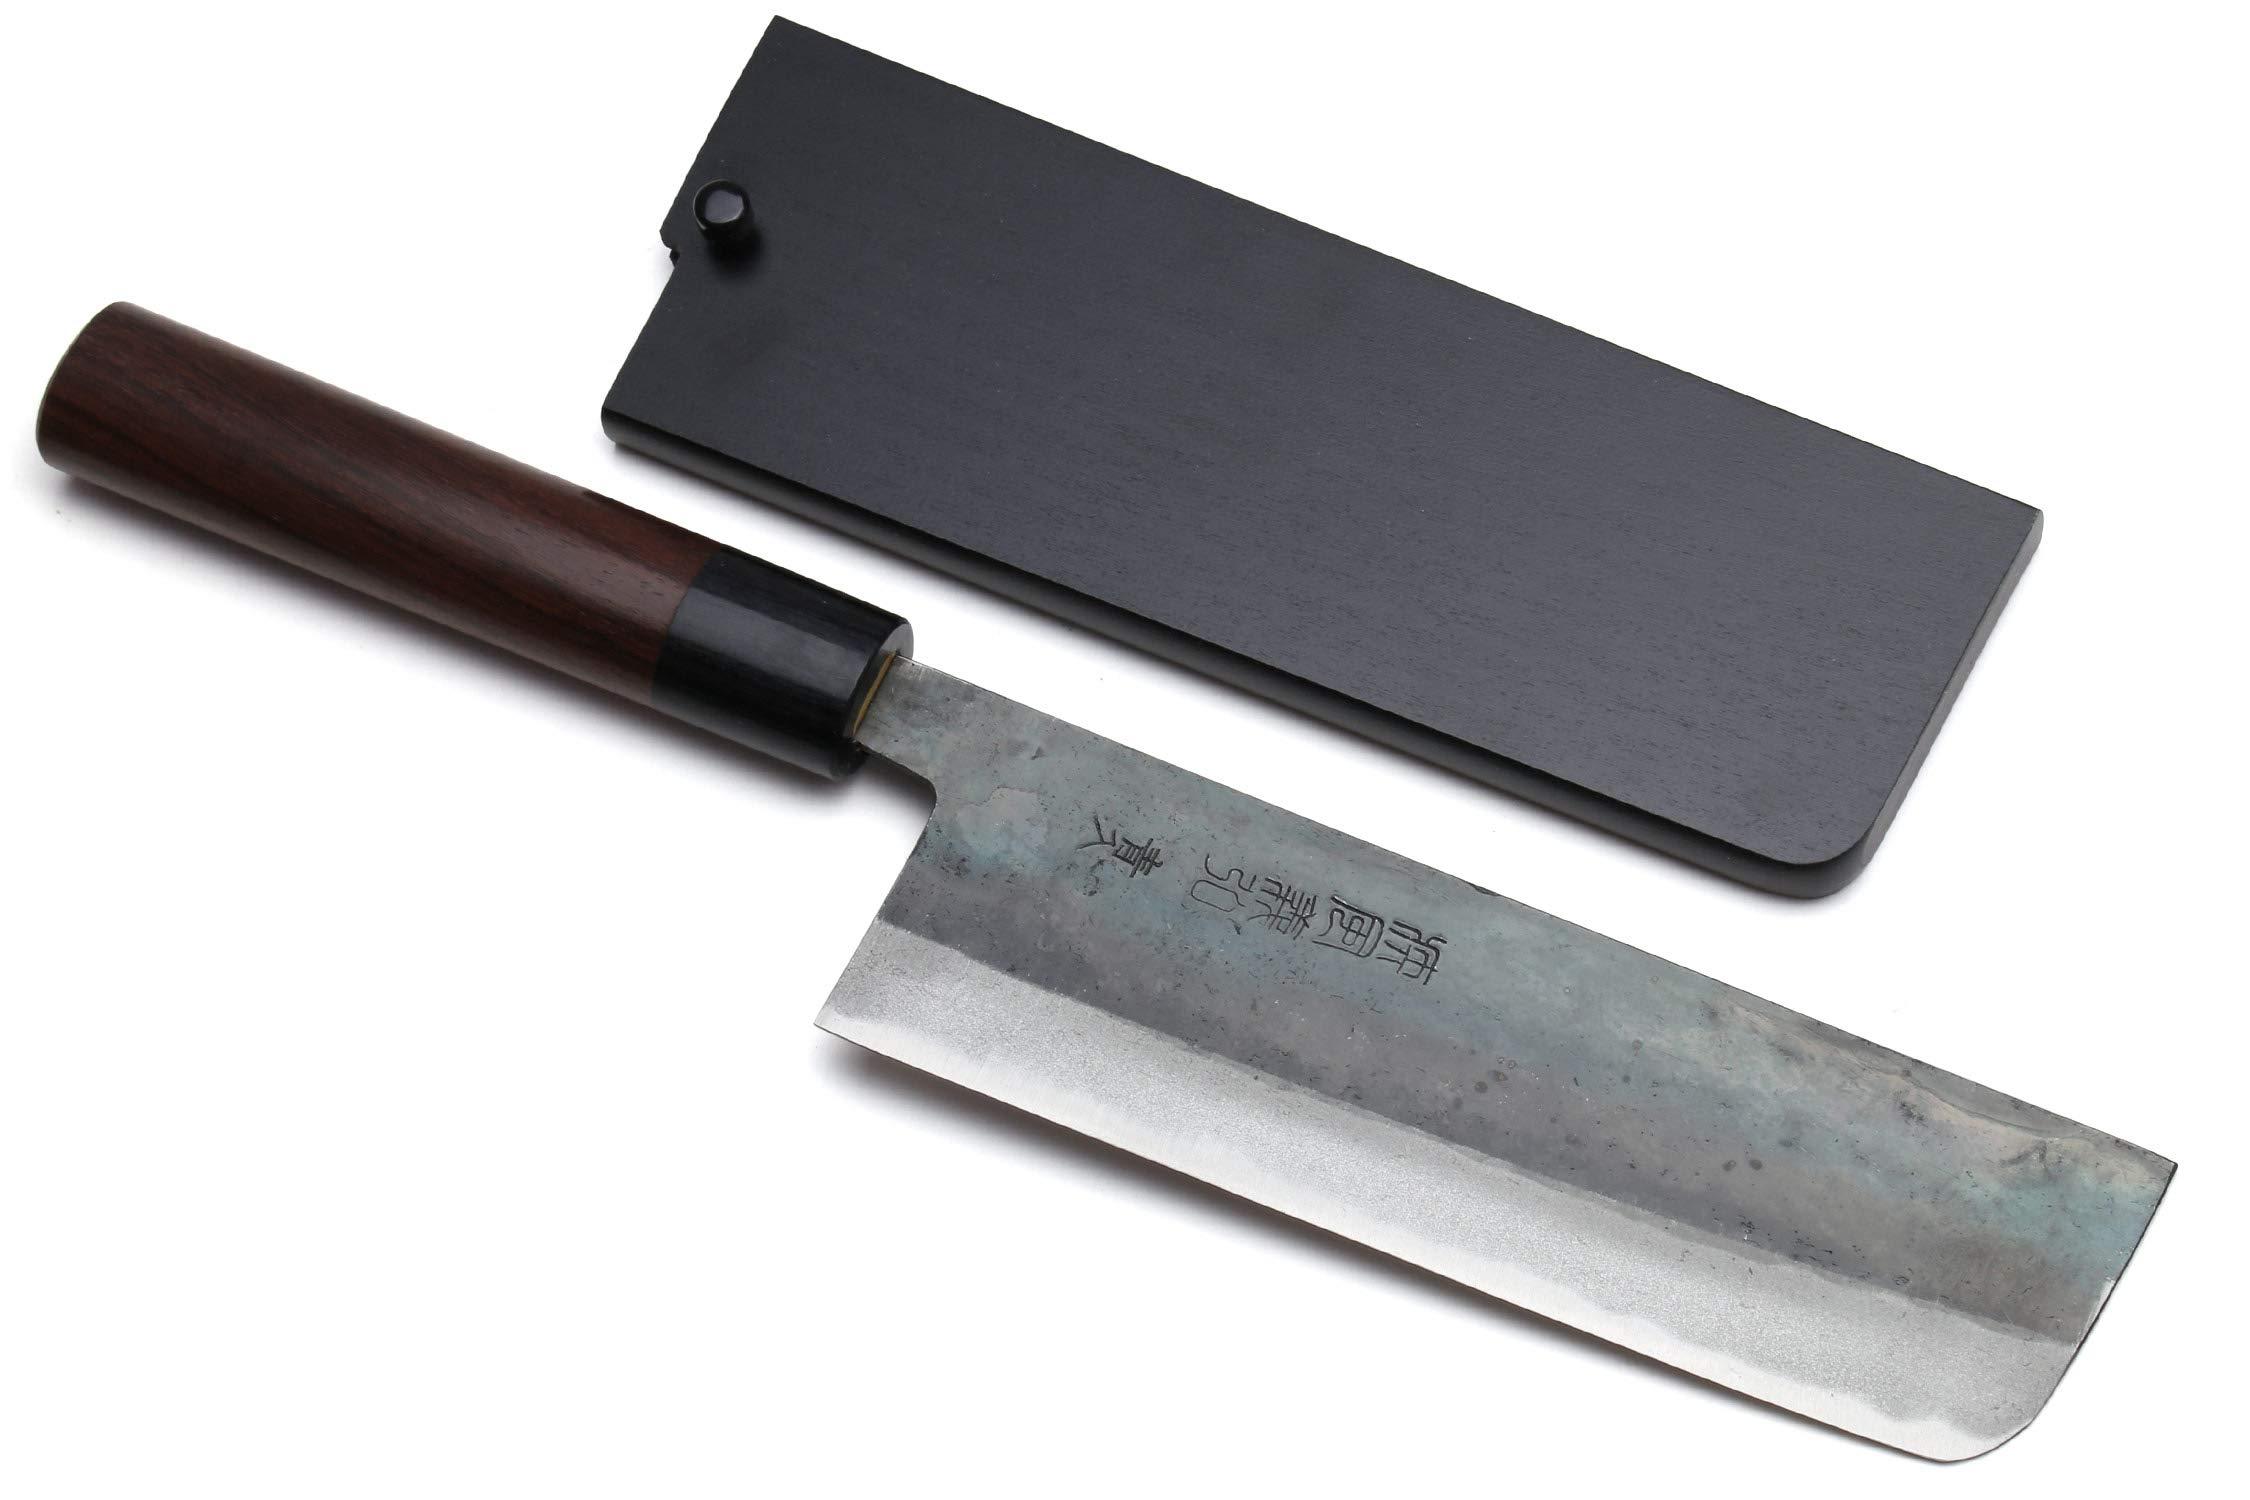 Yoshihiro Mizu Yaki Blue Steel Kurouchi Nakiri Japanese Vegetable Chef Knife (6.5'' (165mm) & Saya)